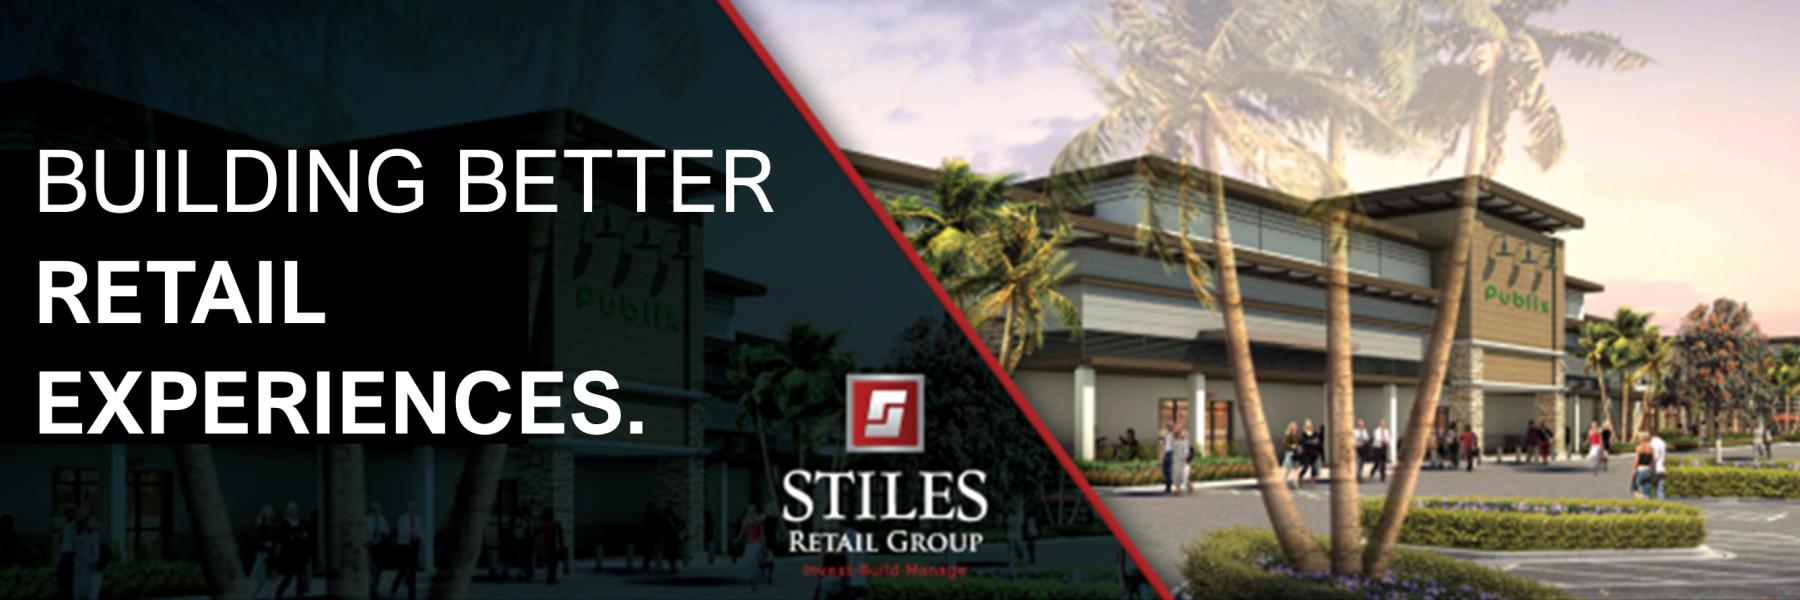 stiles retail group 1800x600